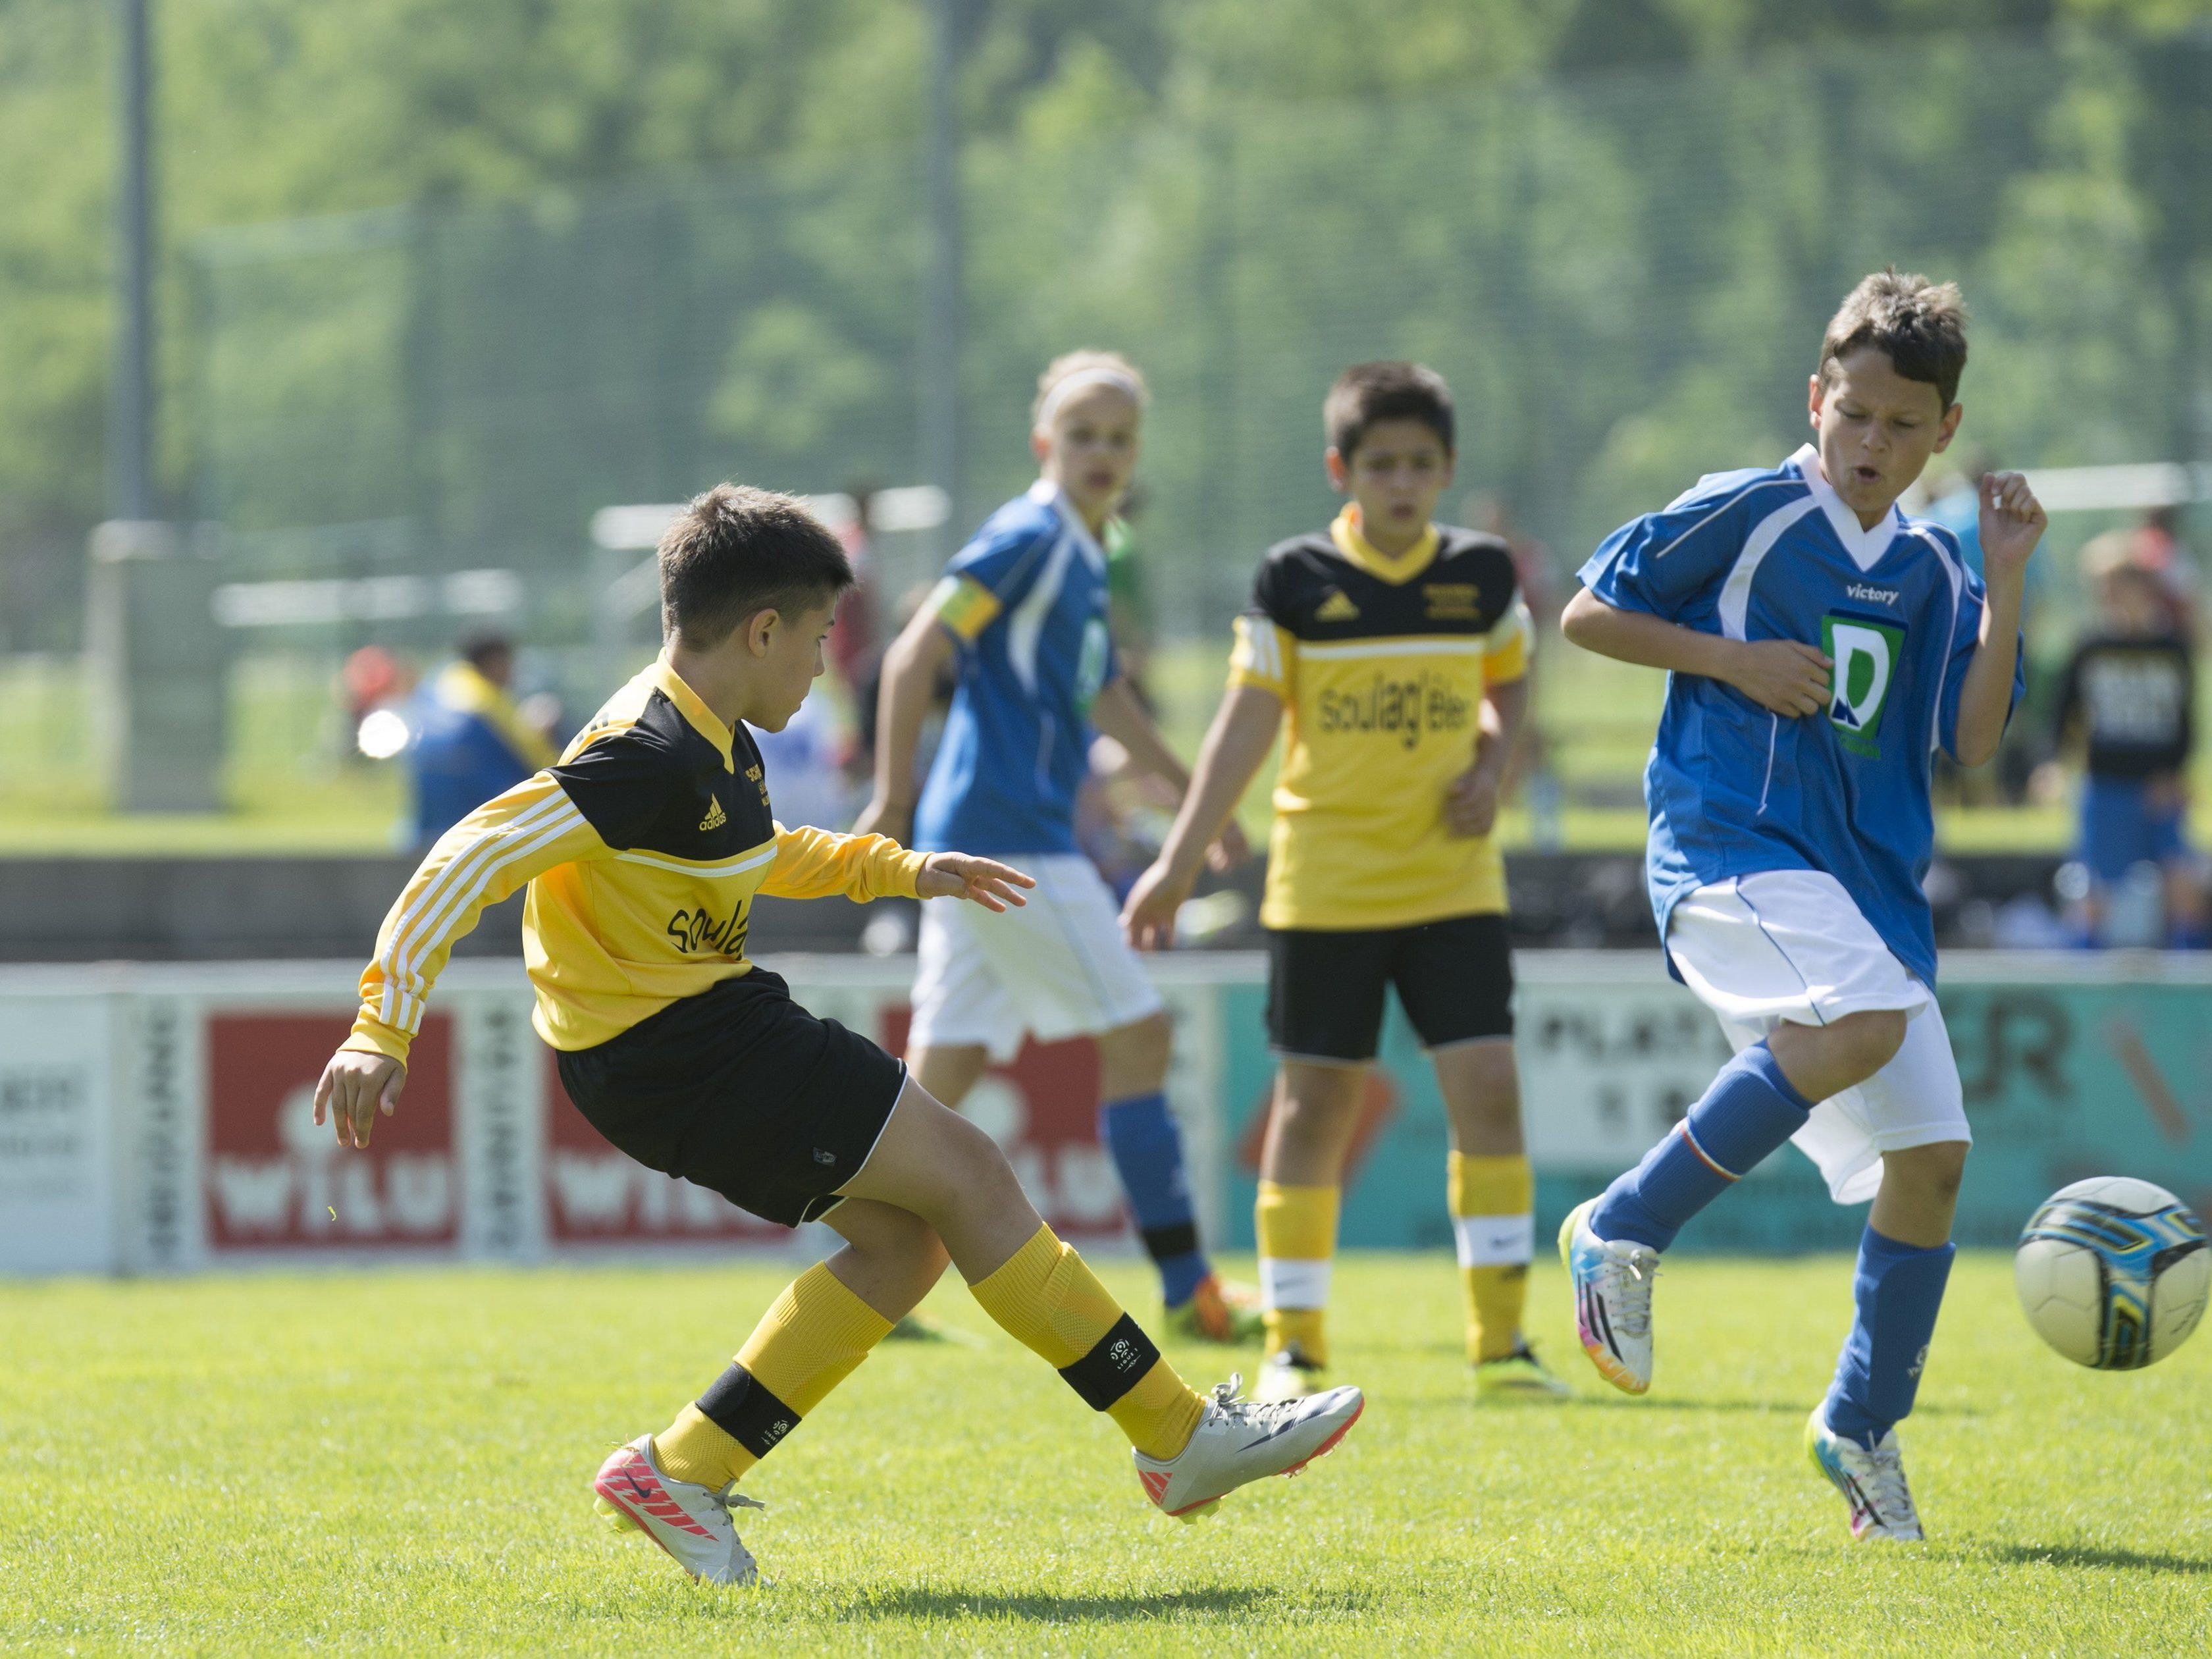 Die Montafon Alpine Trophy zieht dieses Wochenende viele Fußballfans ins Tal.